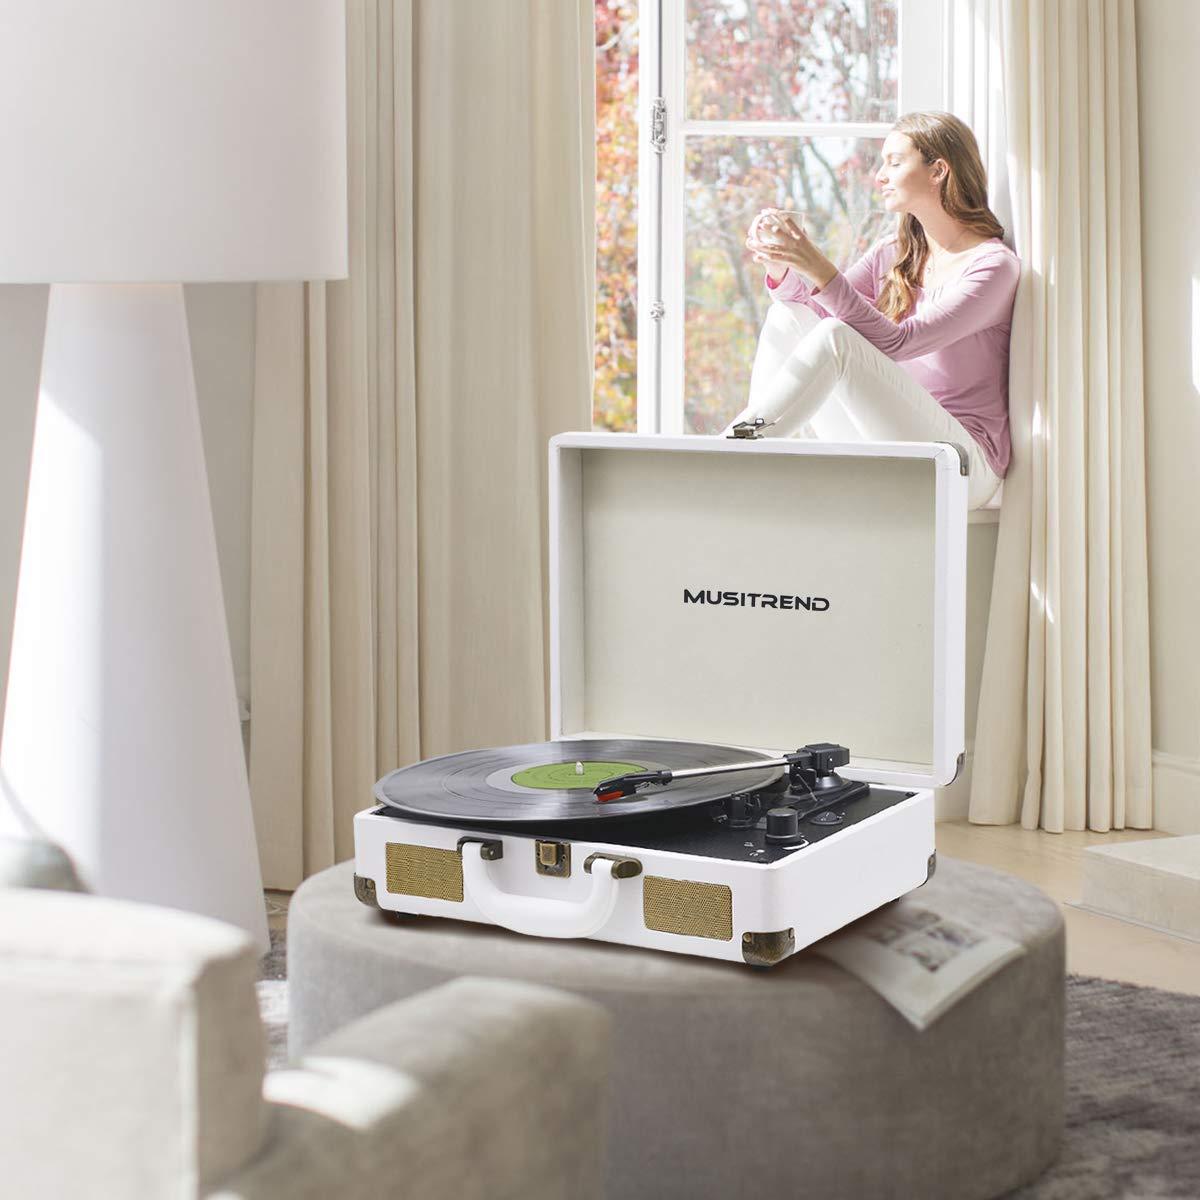 MUSITREND Tocadiscos 33/45/78 RPM, Maleta Portátil con 2 Altavoces Integrados, con RCA, Auriculares y Line in Montado, Blanco